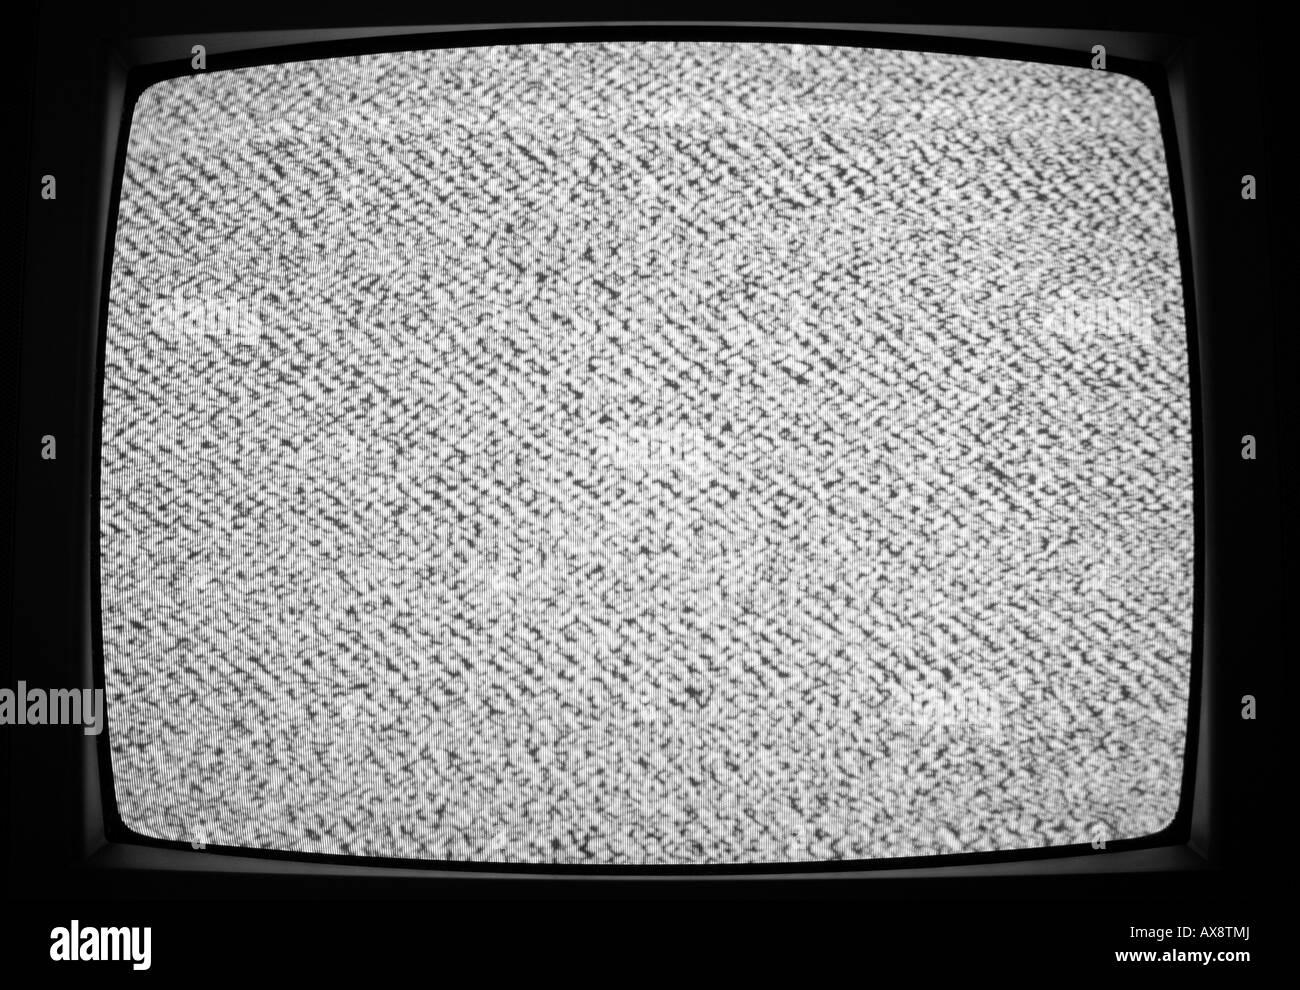 Estática de televisión Imagen De Stock